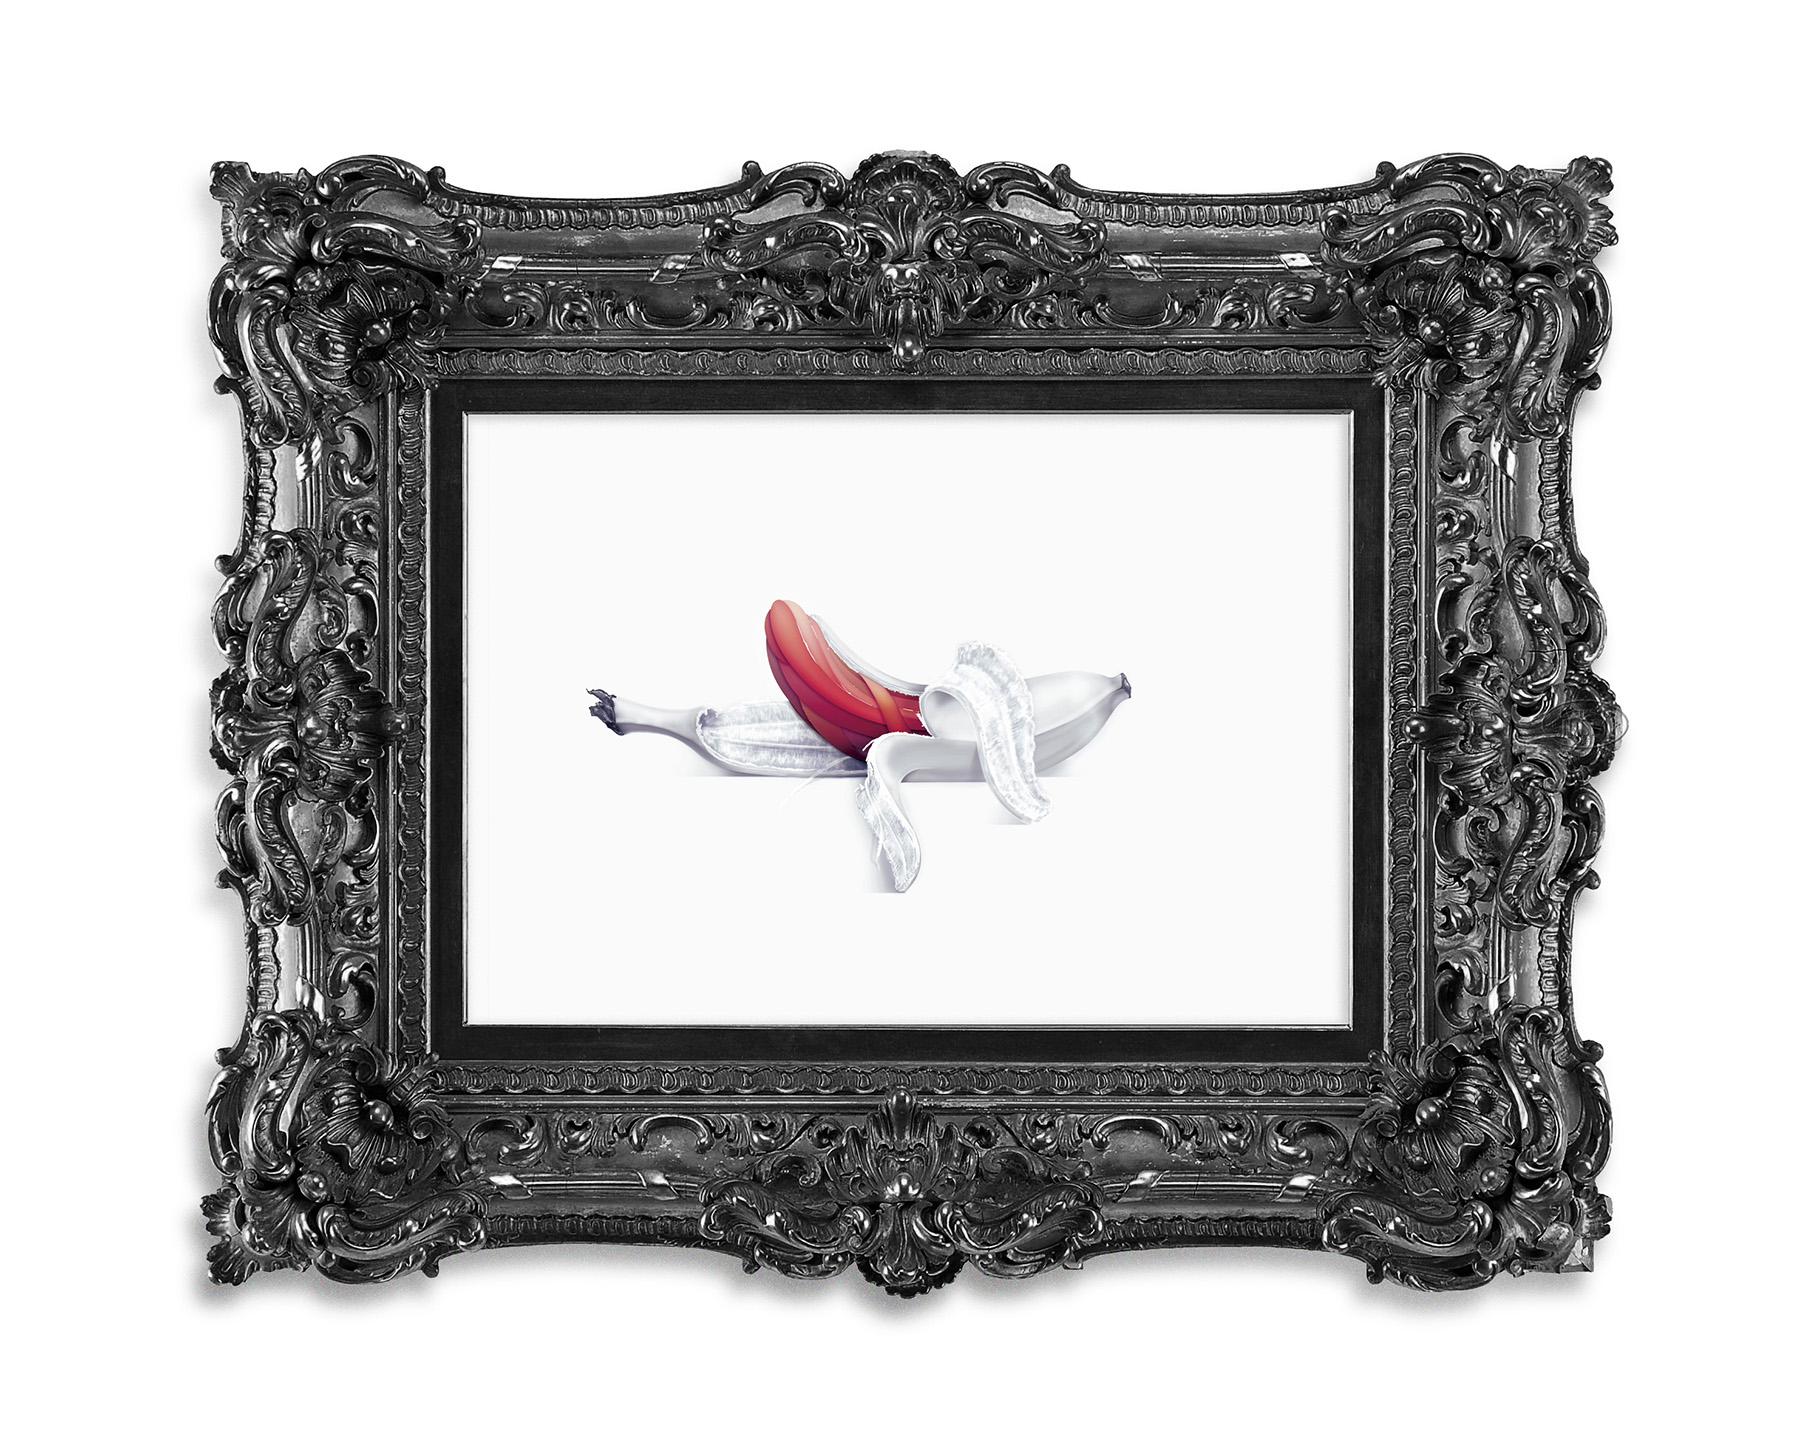 cambur es una ilustracion vectorial hecha por la artista giselle vitali